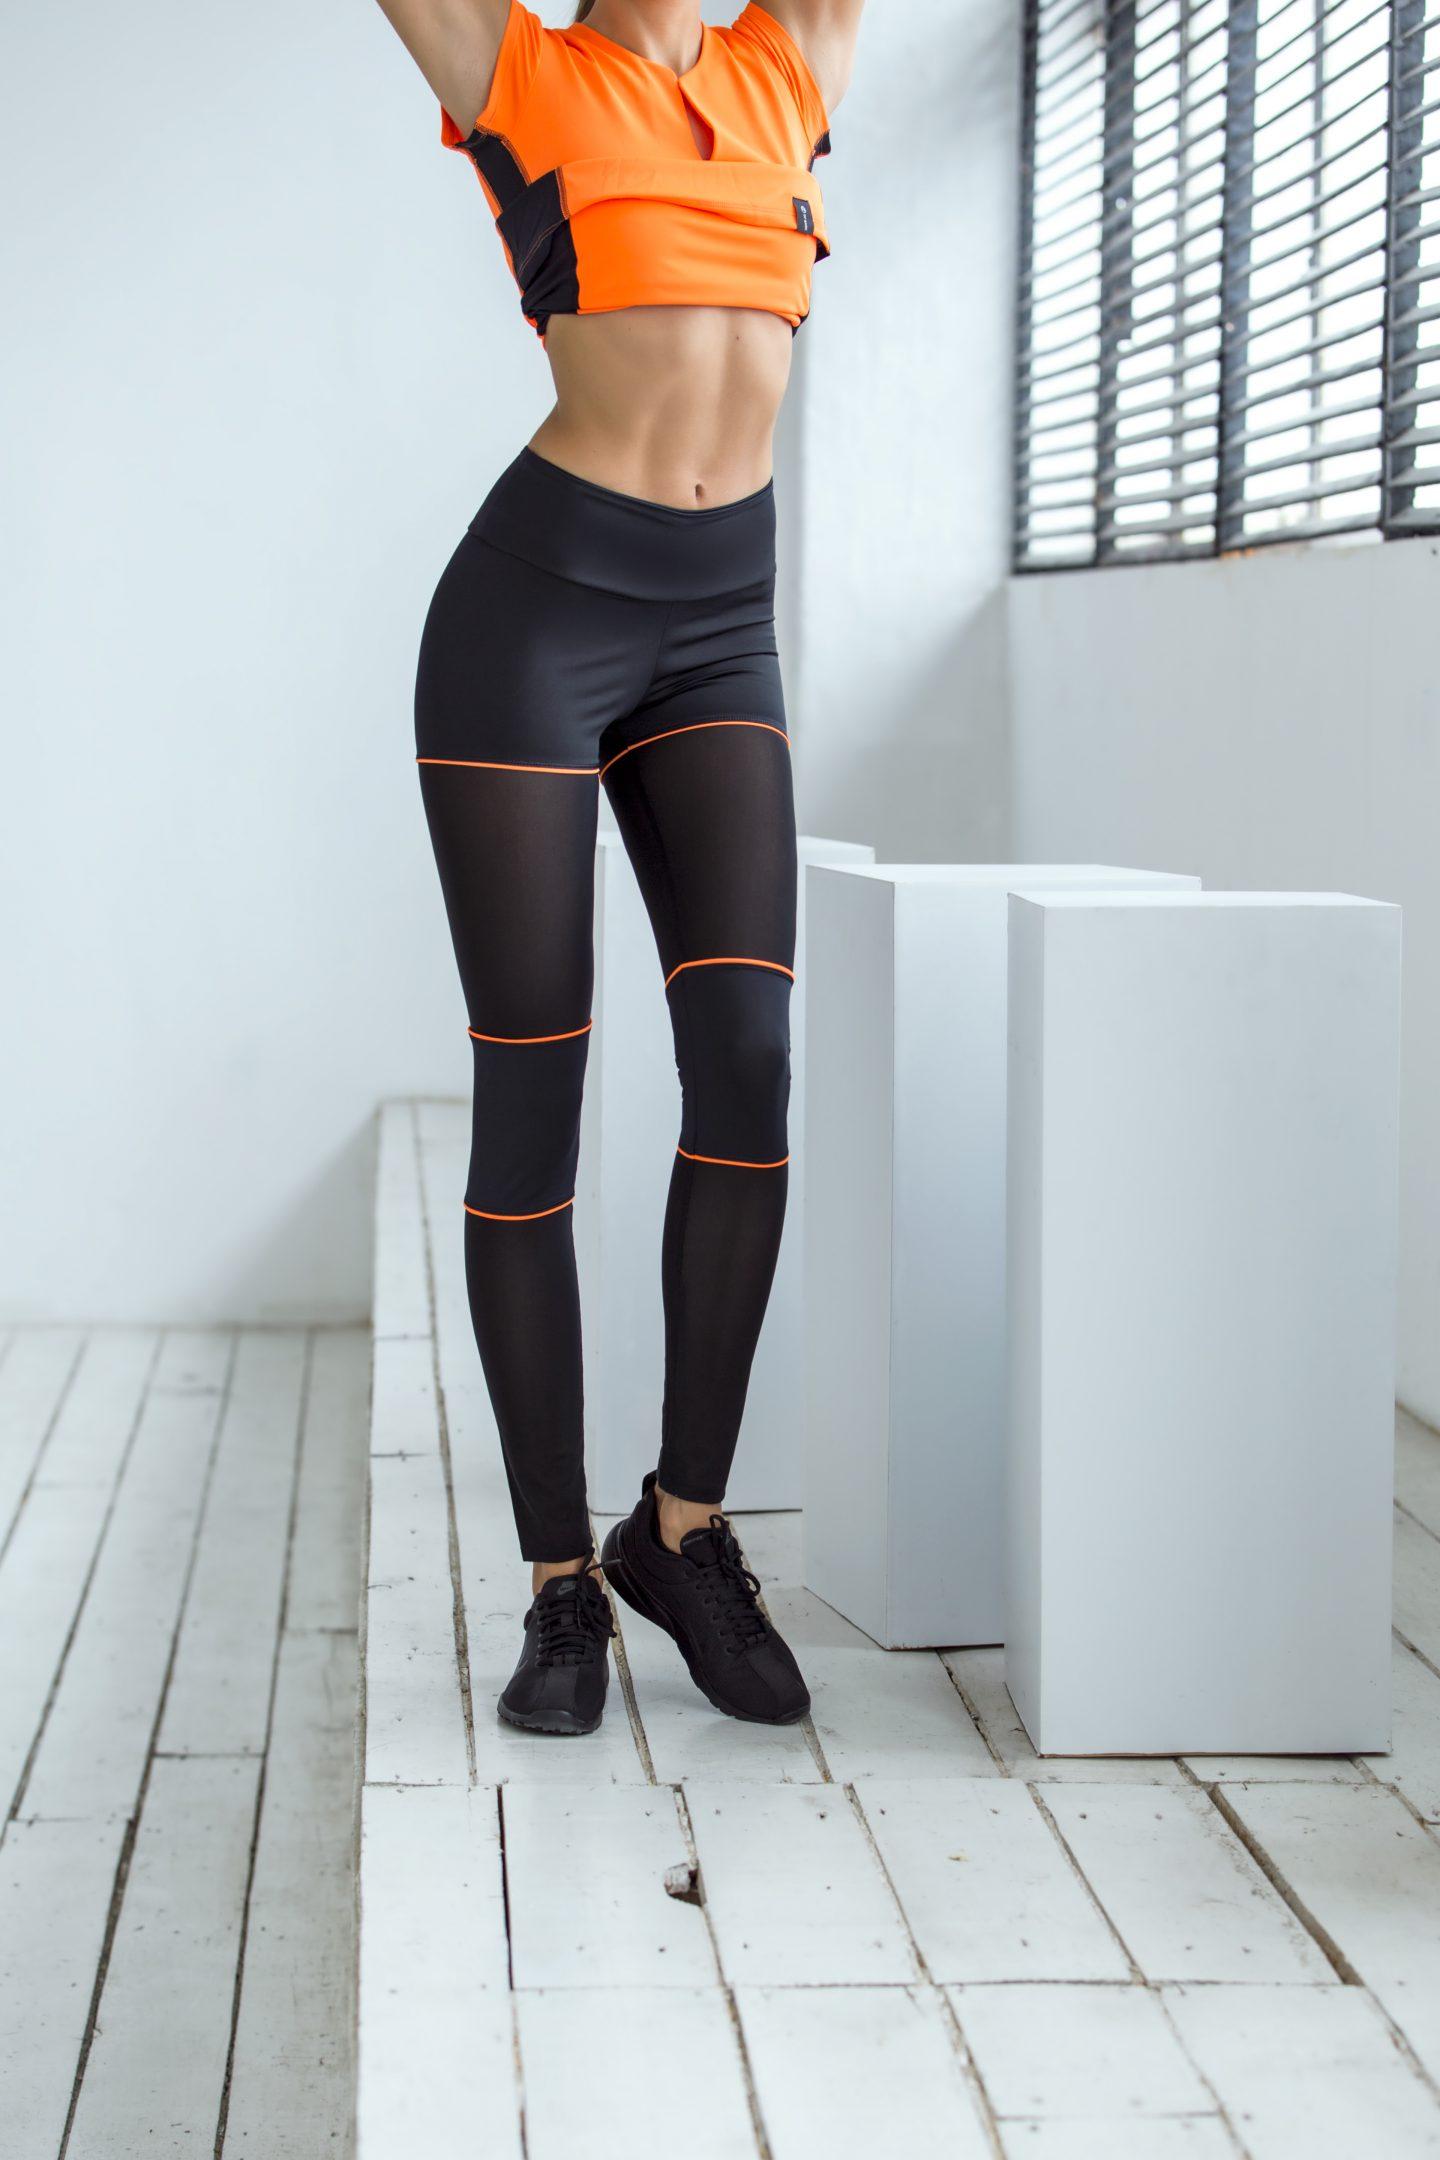 Спортивные леггинсы Sexy Shorts Orange